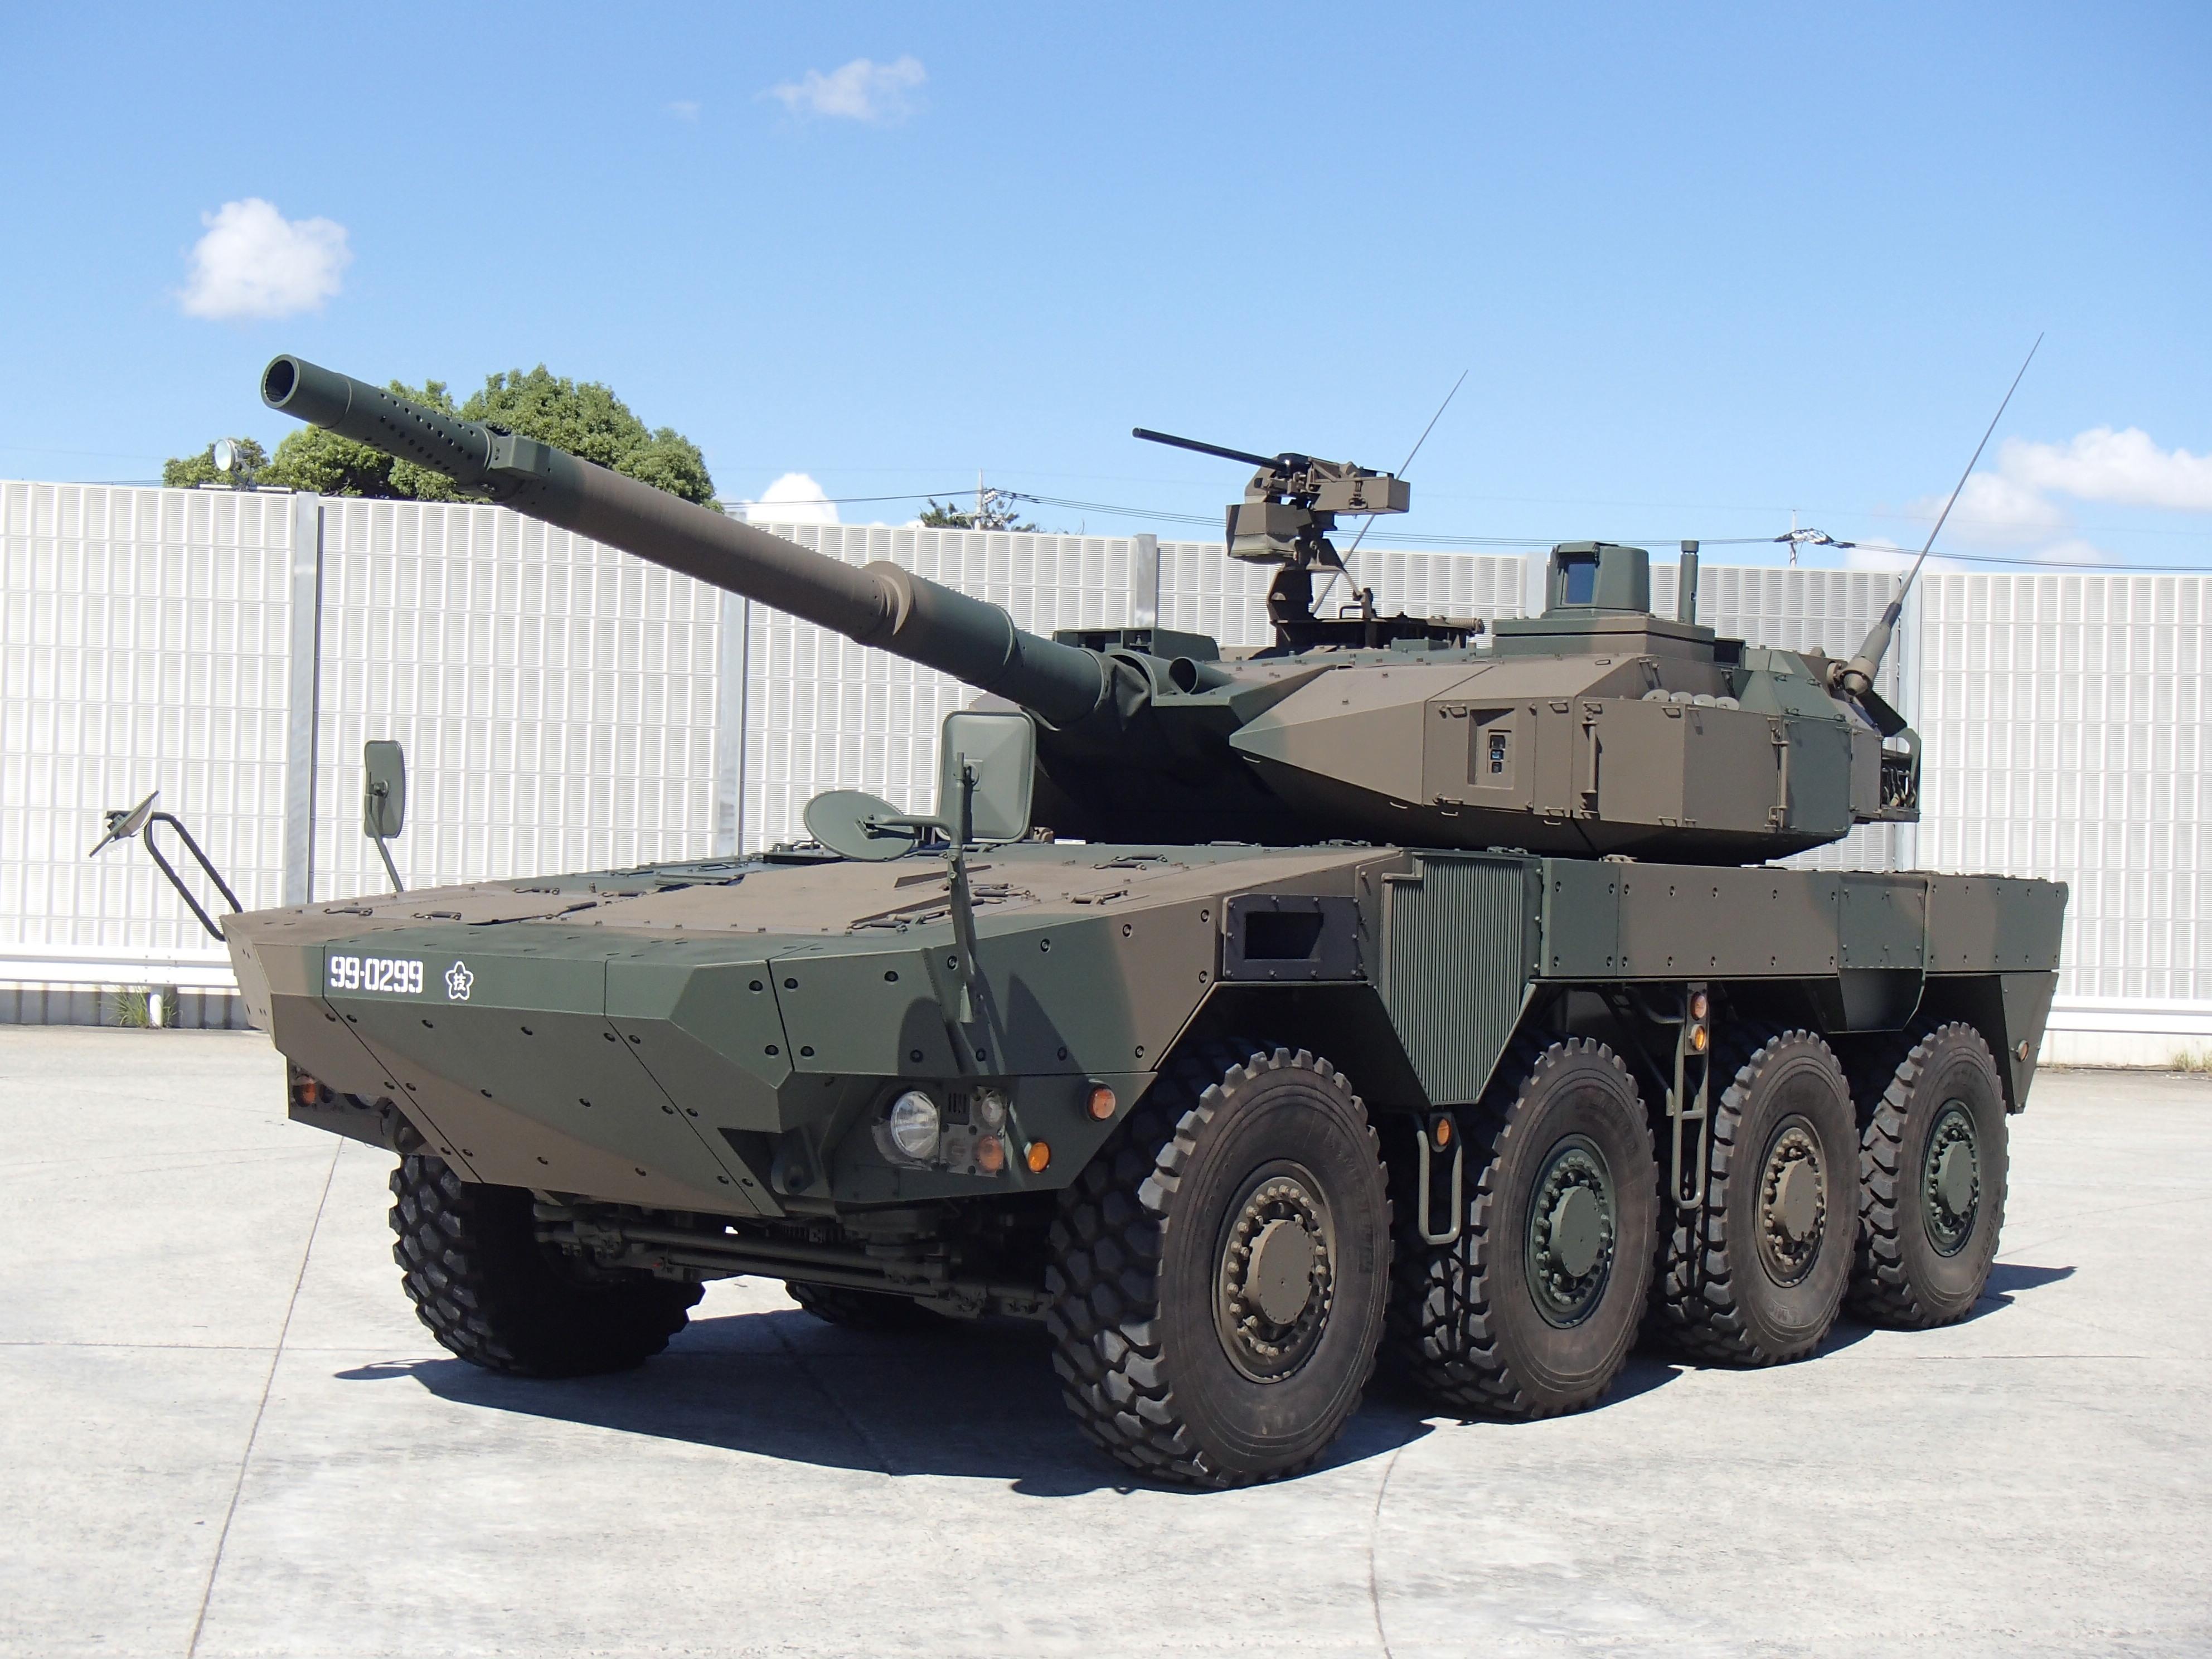 الصناعة العسكرية اليابانية,,,ماذا بعد؟! Maneuver_Combat_Vehicle_08